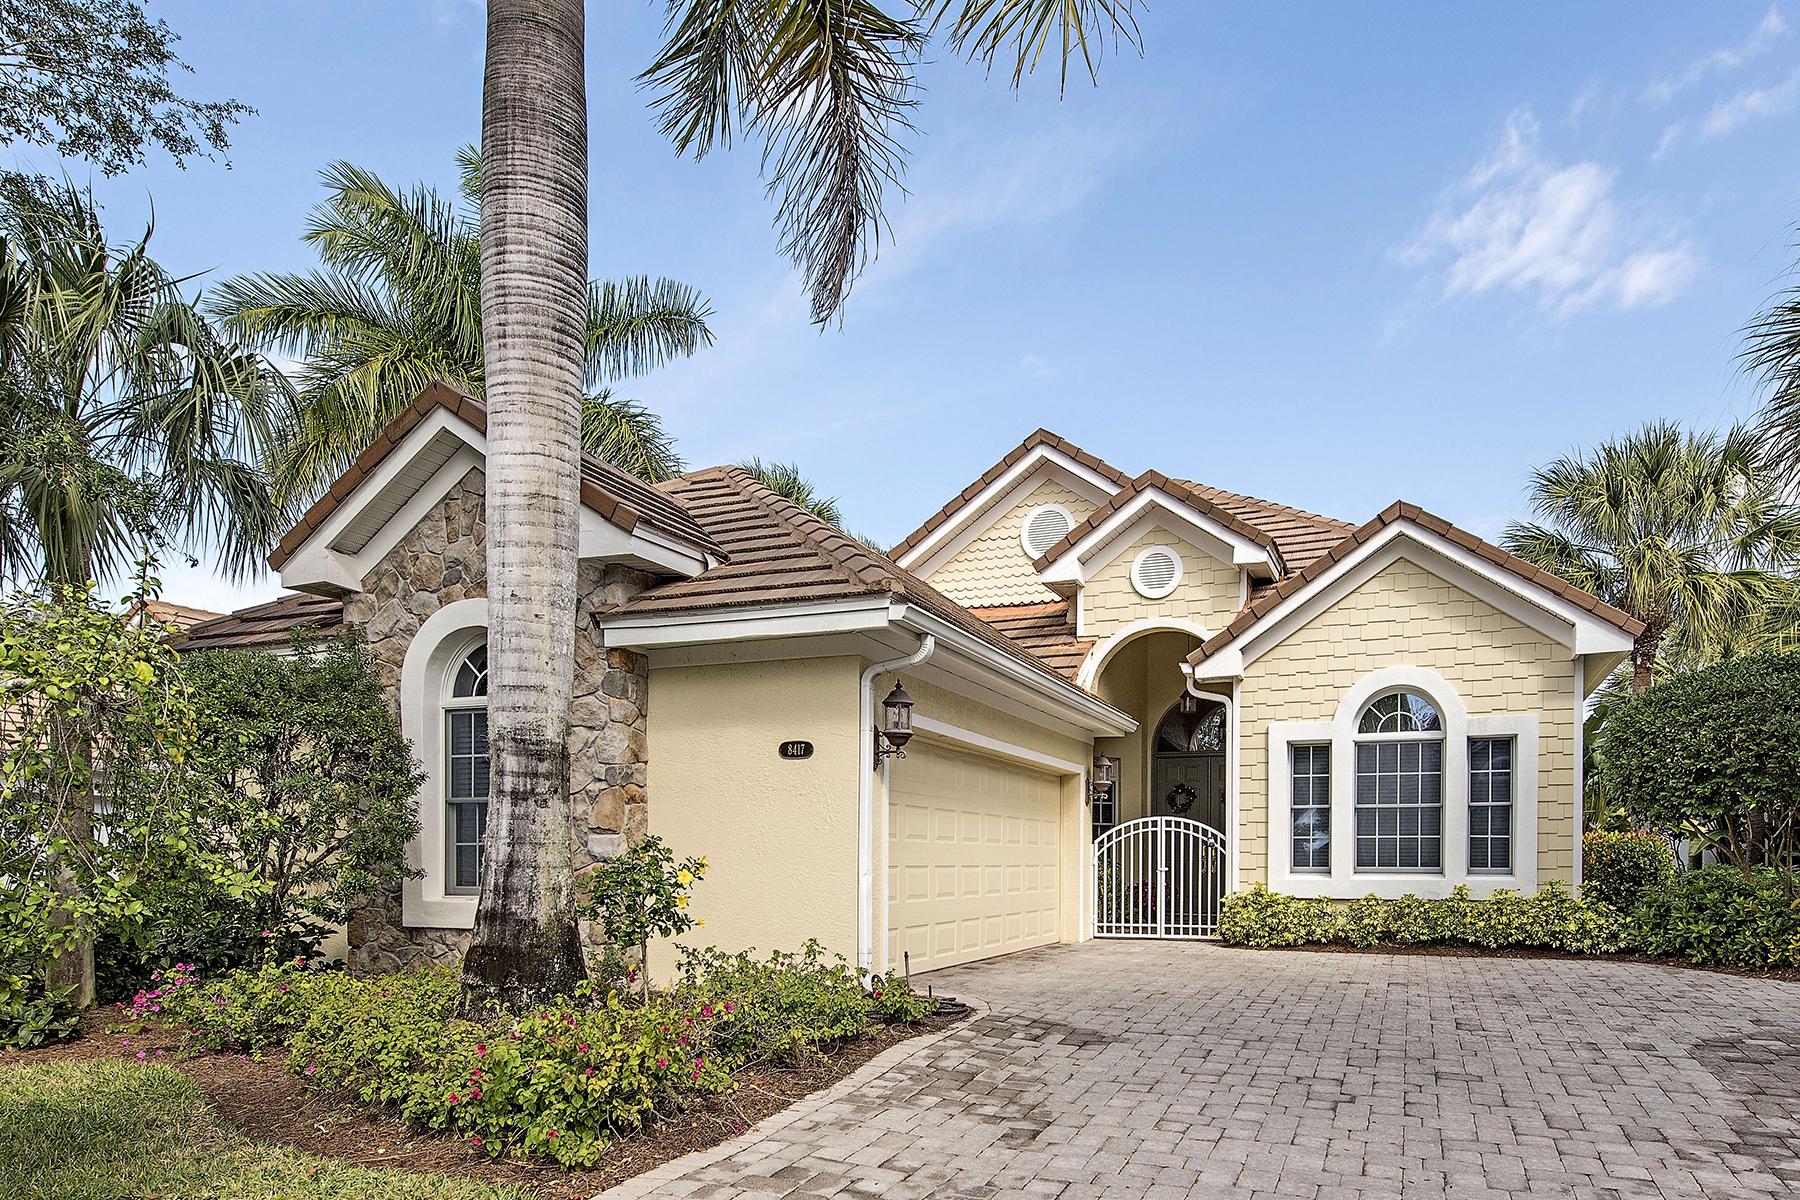 Property For Sale at FIDDLER'S CREEK - MALLARDS LANDING